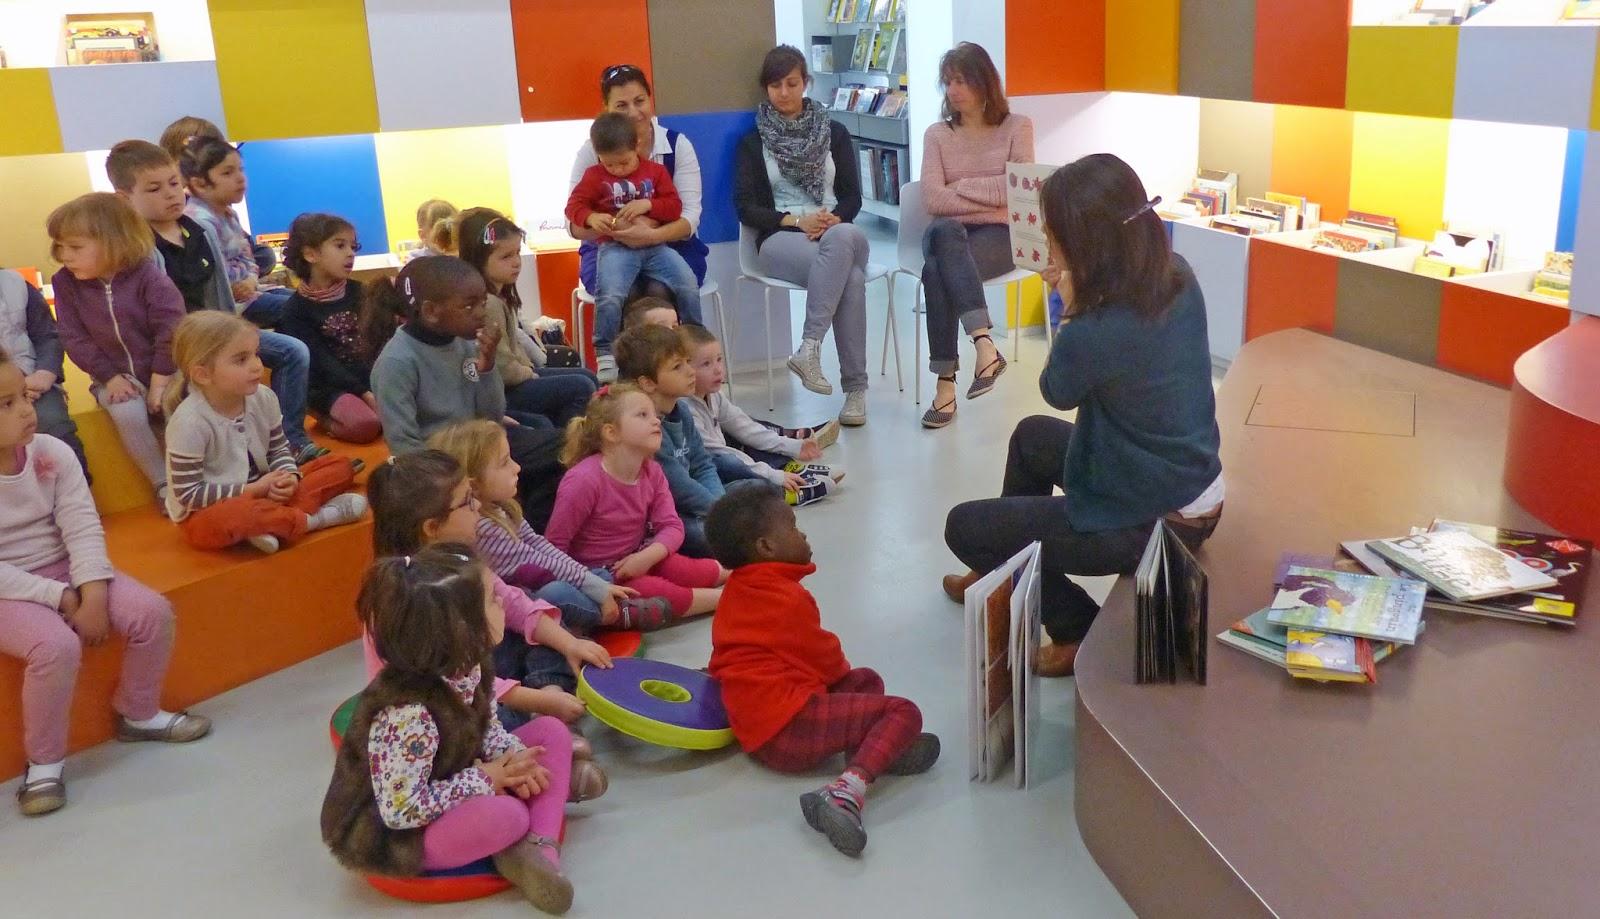 Le blog de l 39 ducation artistique et culturelle saint herblain accueil de l 39 cole maternelle - Image d ecole maternelle ...